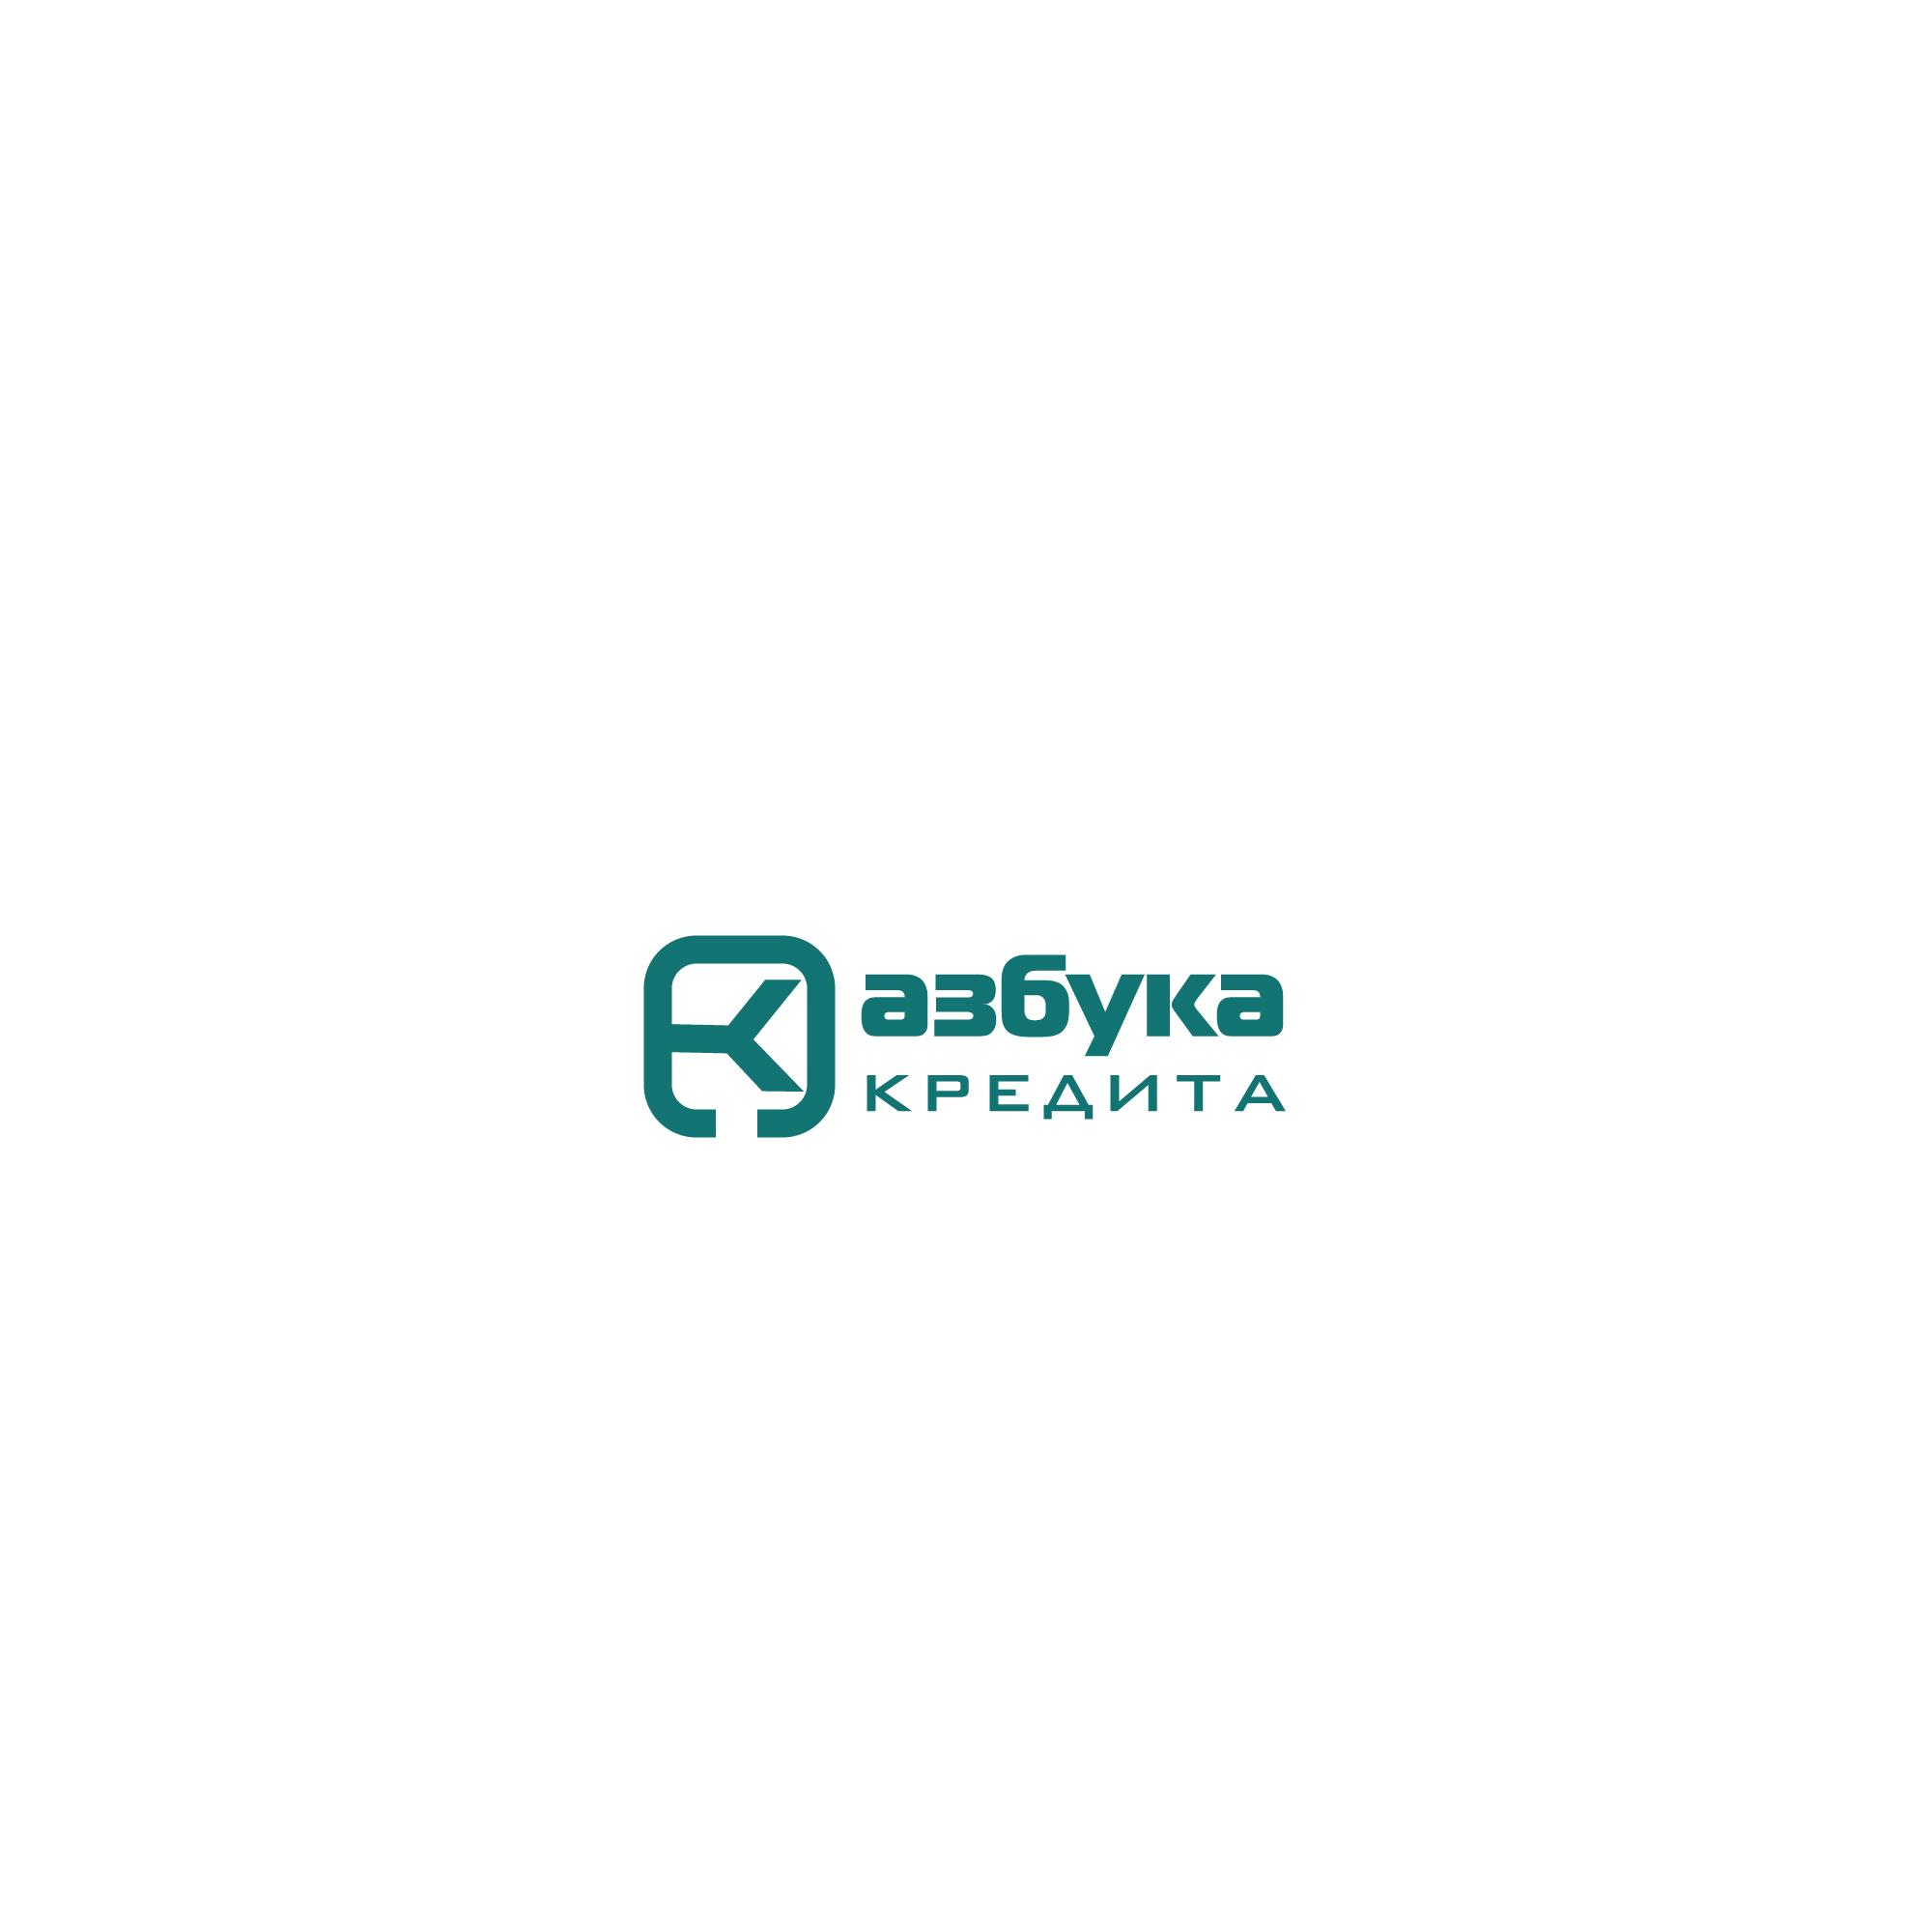 Разработать логотип для финансовой компании фото f_3345de6efe53d090.jpg